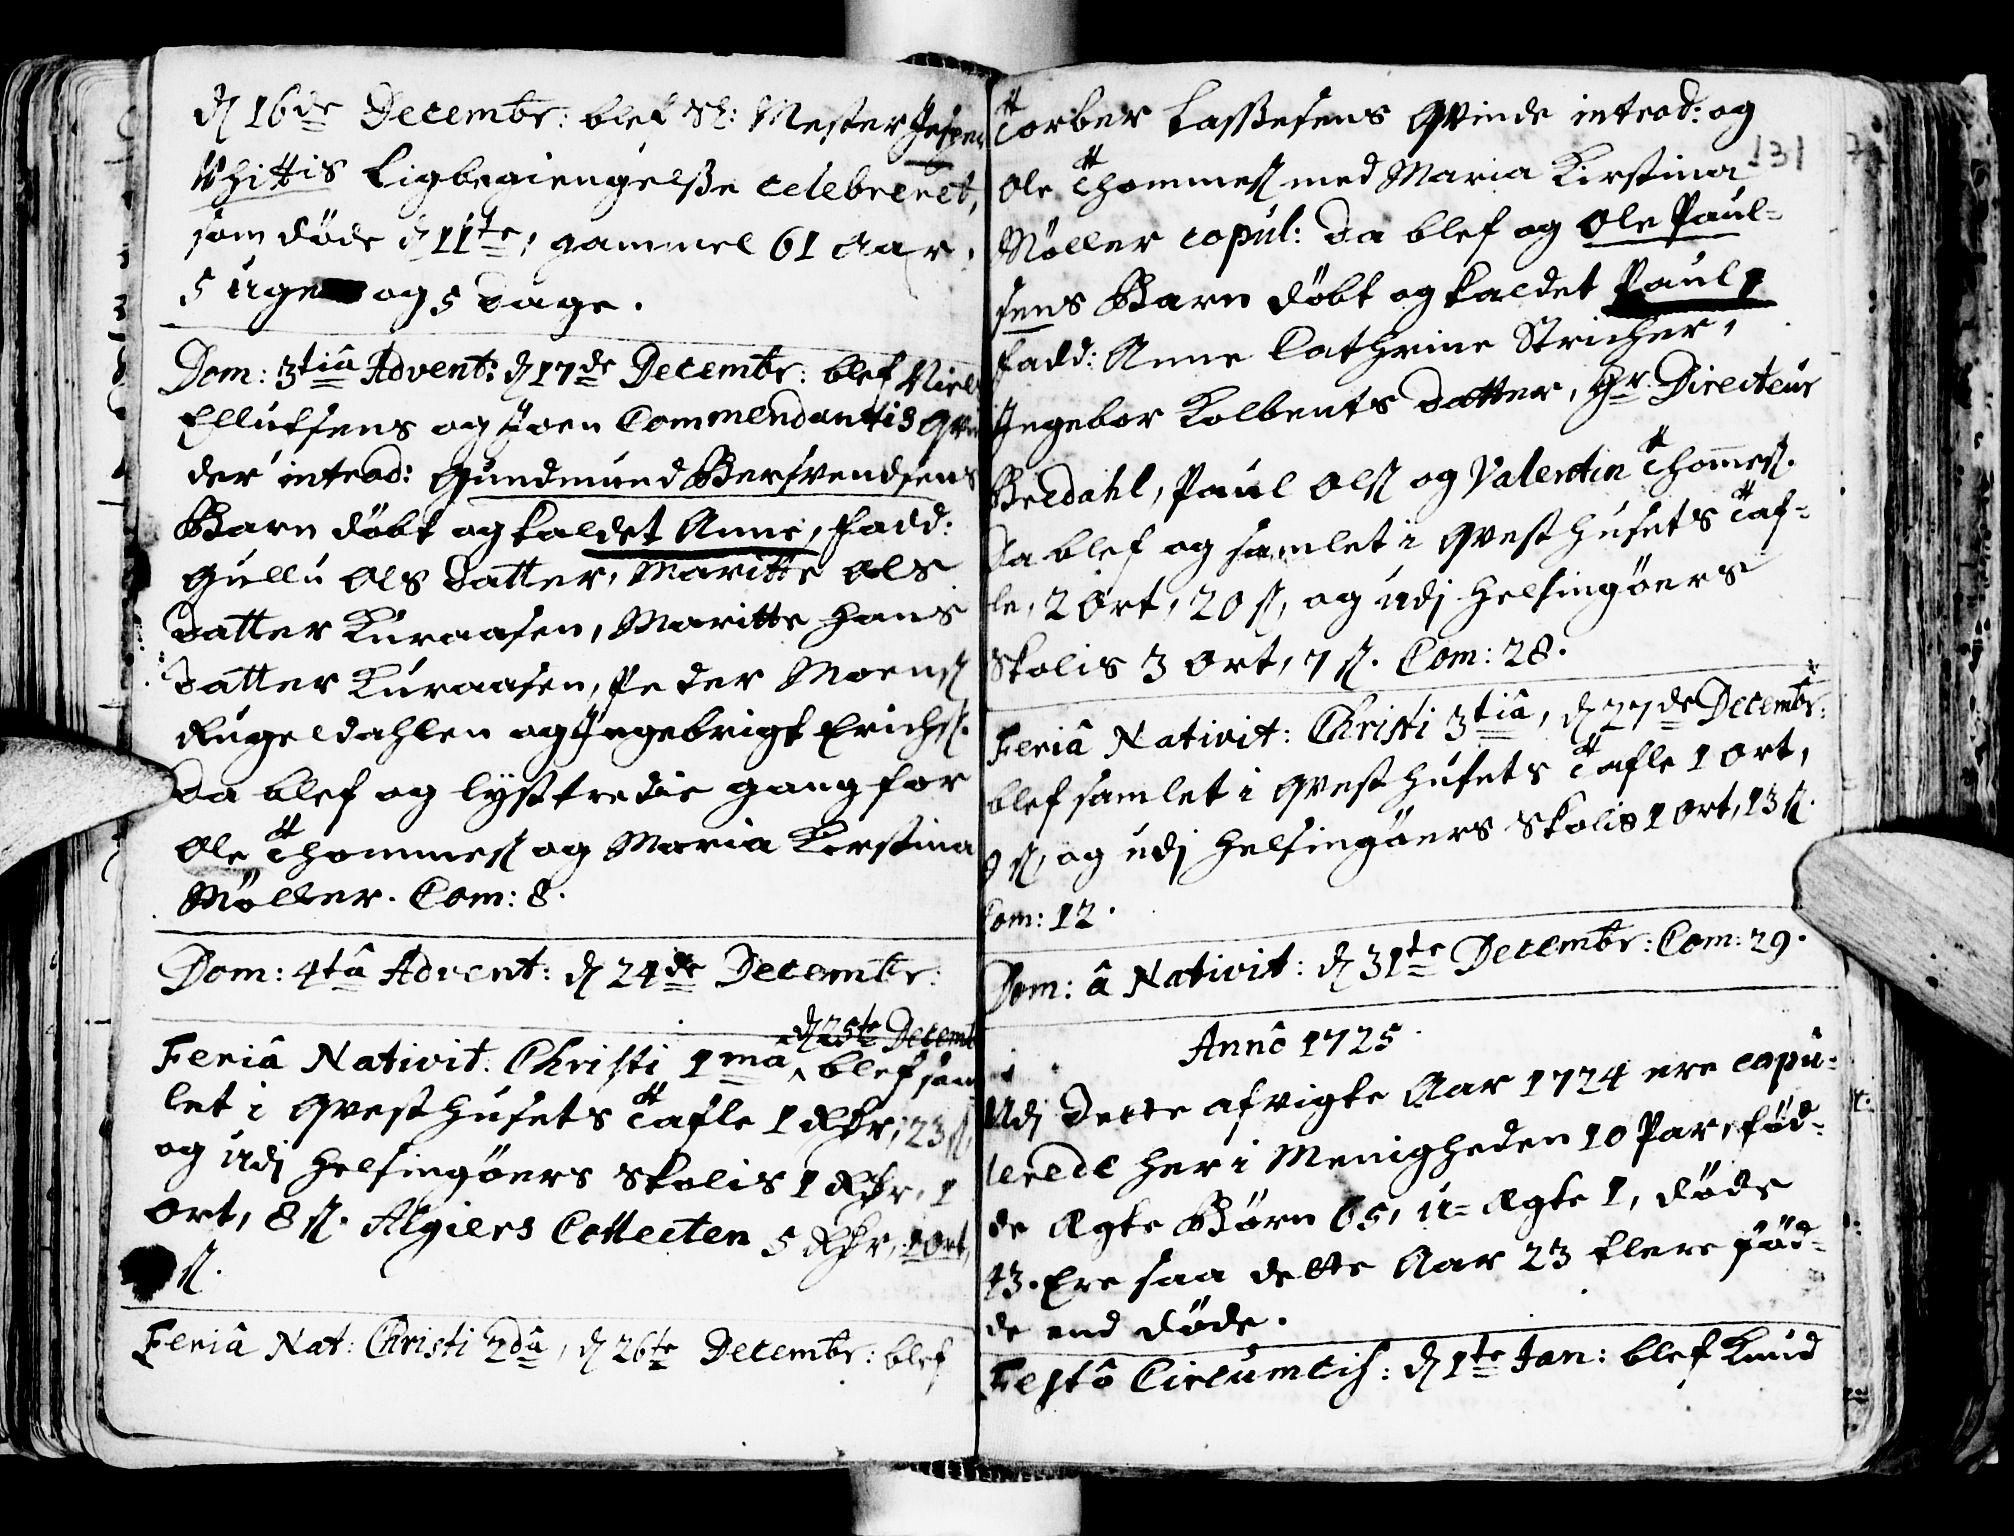 SAT, Ministerialprotokoller, klokkerbøker og fødselsregistre - Sør-Trøndelag, 681/L0924: Ministerialbok nr. 681A02, 1720-1731, s. 130-131